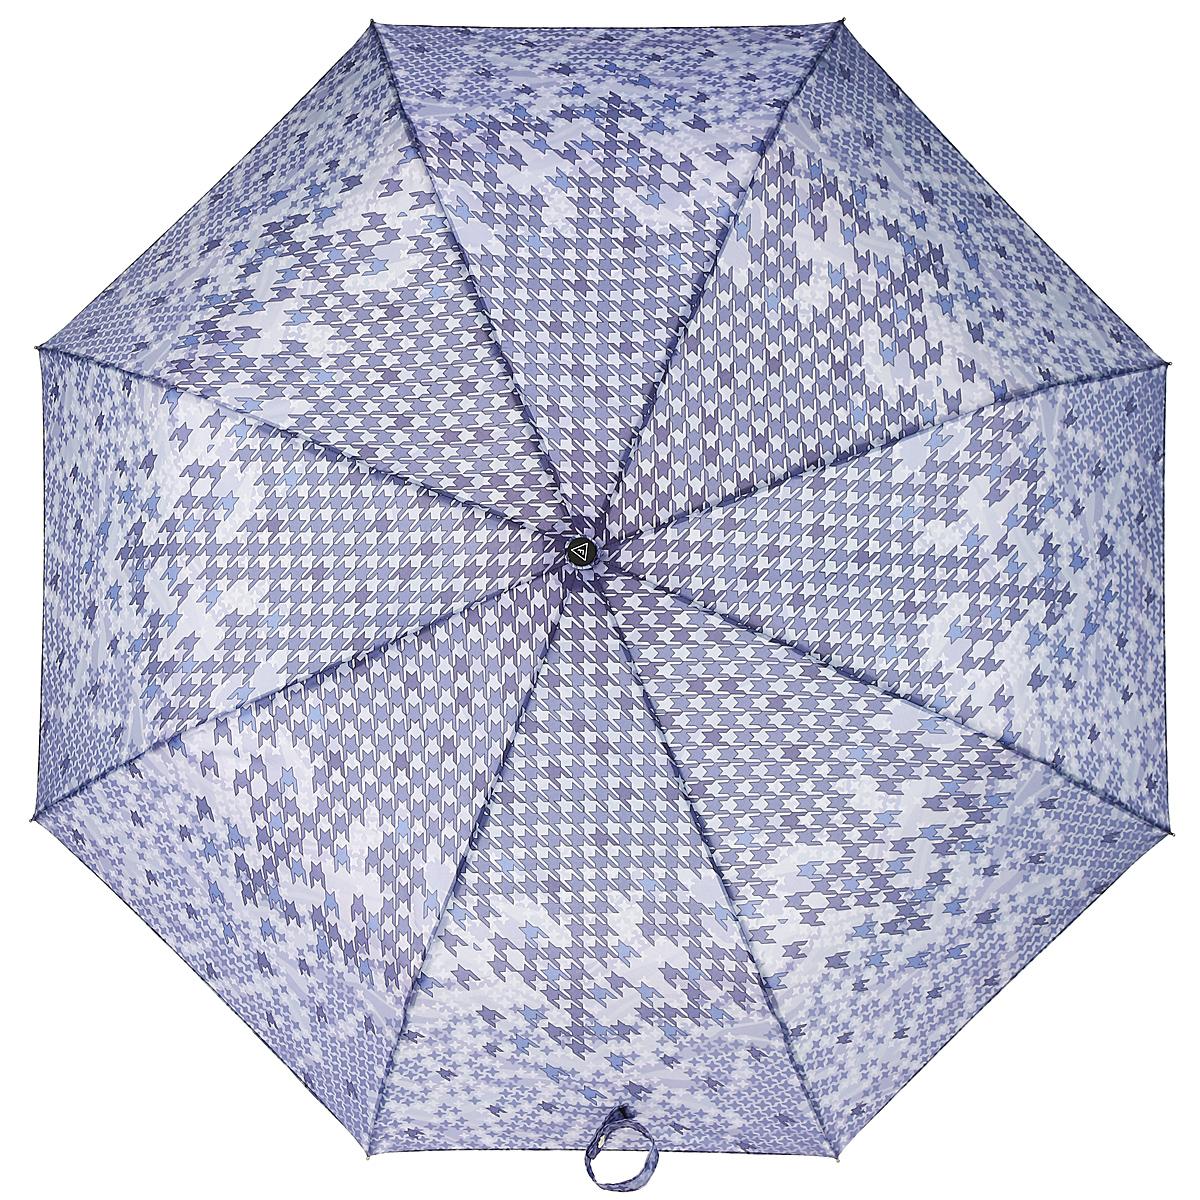 Зонт-автомат женский Fabretti, 3 сложения, цвет: сиреневый. L-15114-4Fabretti L-15114-4Классический зонт торговой марки Fabretti, изготовленный из качественных материалов, идеально подойдет для девушек и женщин любых возрастов. Купол зонтика выполнен из полиэстера, обработанного водоотталкивающей пропиткой, и оформлен ярким орнаментом. Каркас зонта изготовлен из восьми металлических спиц, стержня и ручки с полиуретановым покрытием, разработанной с учетом эргономических требований. Зонт оснащен полным автоматическим механизмом в три сложения. Купол открывается и закрывается нажатием кнопки на рукоятке, благодаря чему открыть и закрыть зонт можно одной рукой, что чрезвычайно удобно при входе в транспорт или помещение, стержень складывается вручную до характерного щелчка. Рукоятка зонта для удобства оснащена шнурком, позволяющим при необходимости надеть зонт на руку. Компактные размеры зонта в сложенном виде позволят ему без труда поместиться в сумочке. Зонт поставляется в чехле. Женский зонт Fabretti не только выручит вас в...